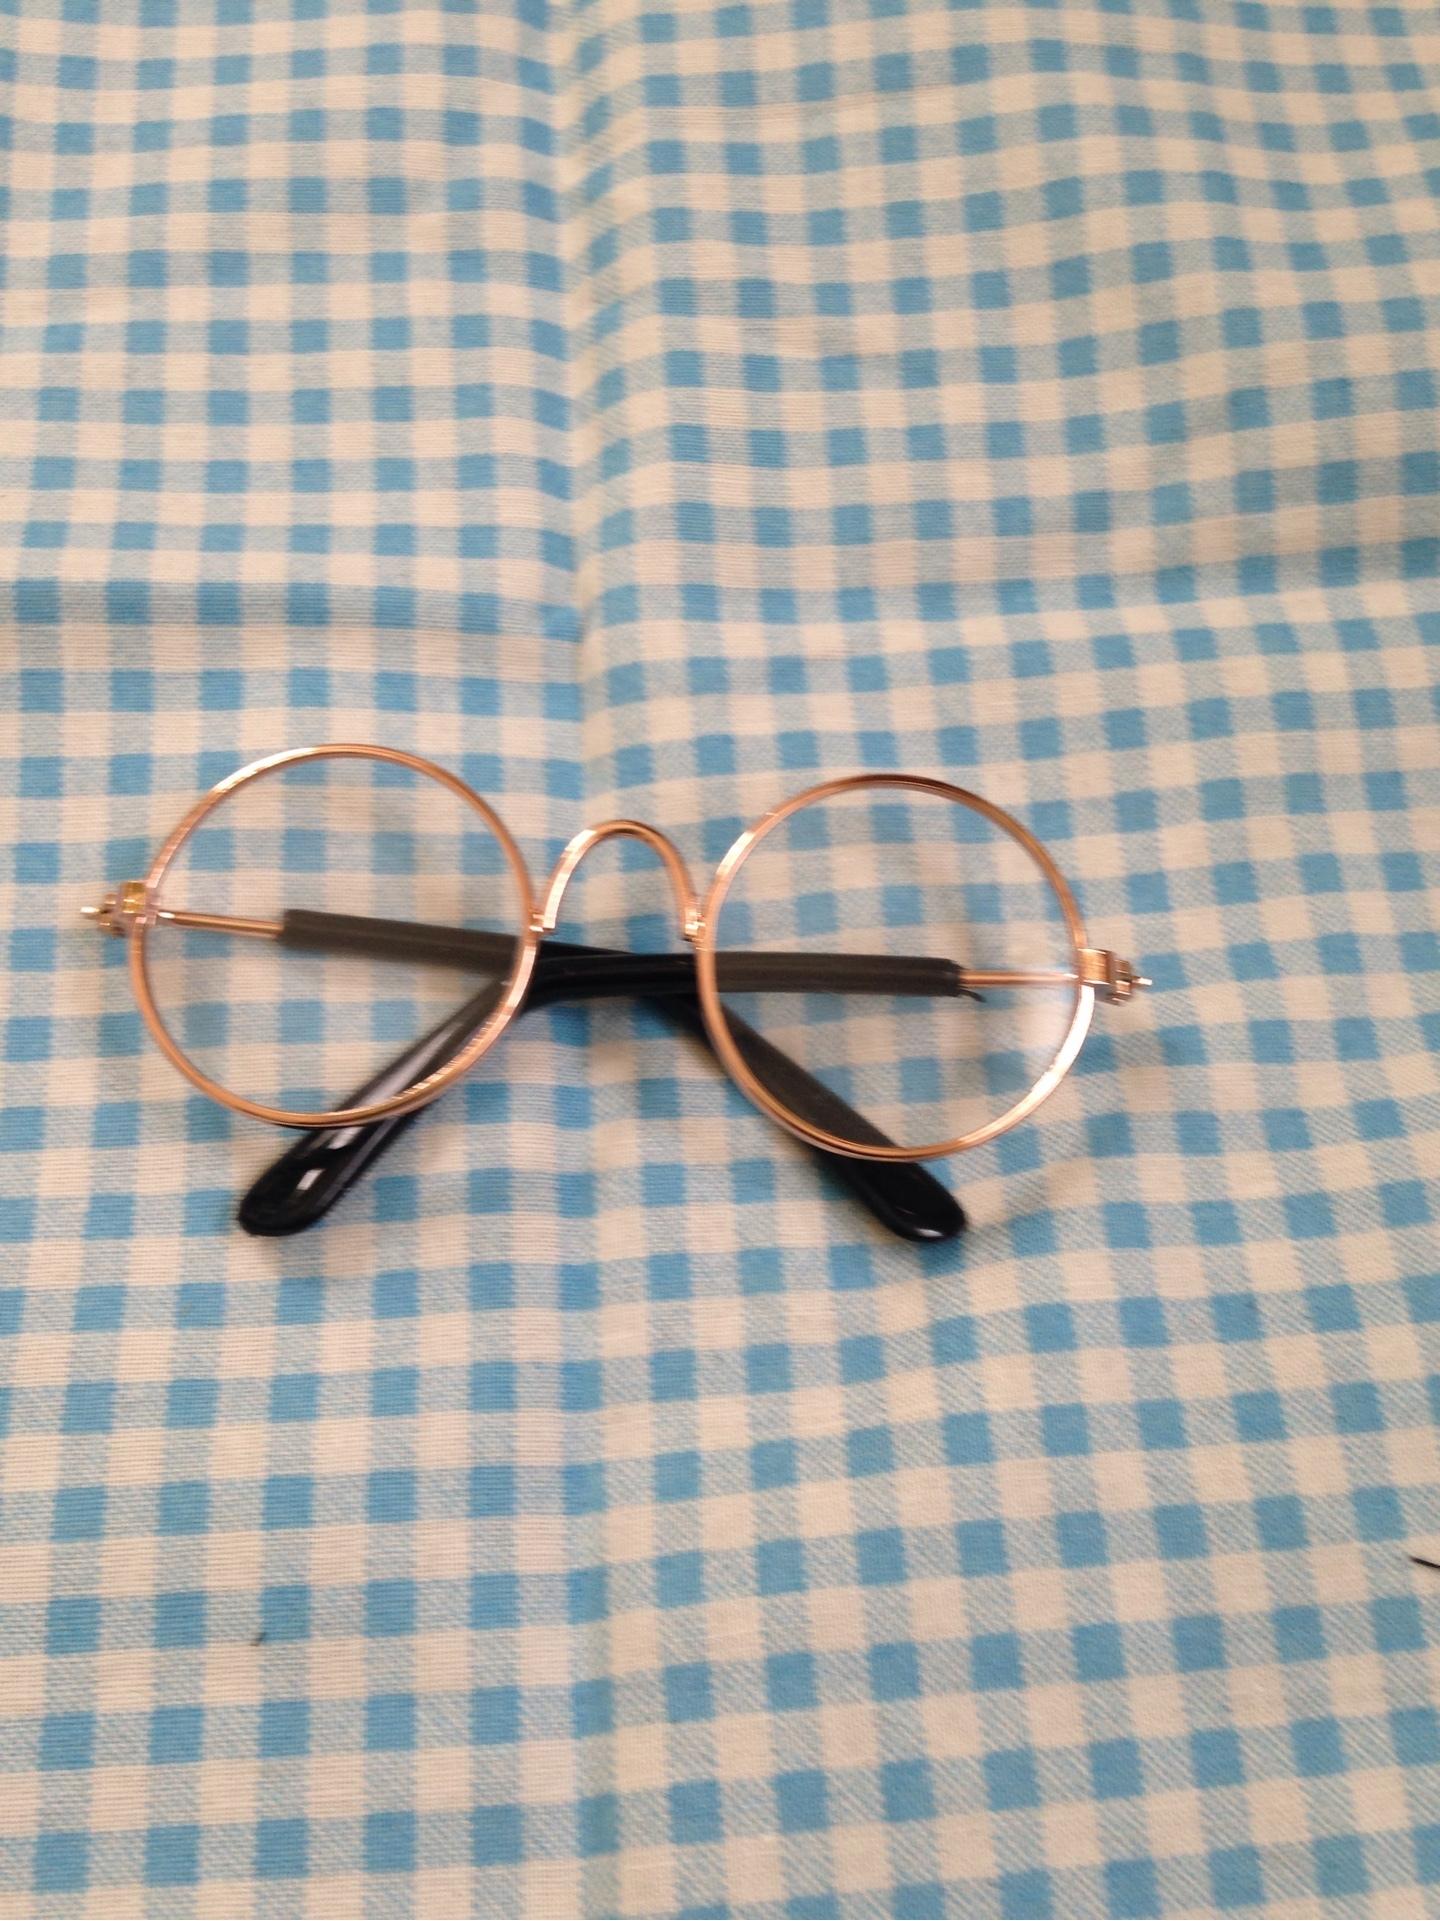 ウヨニ眼鏡